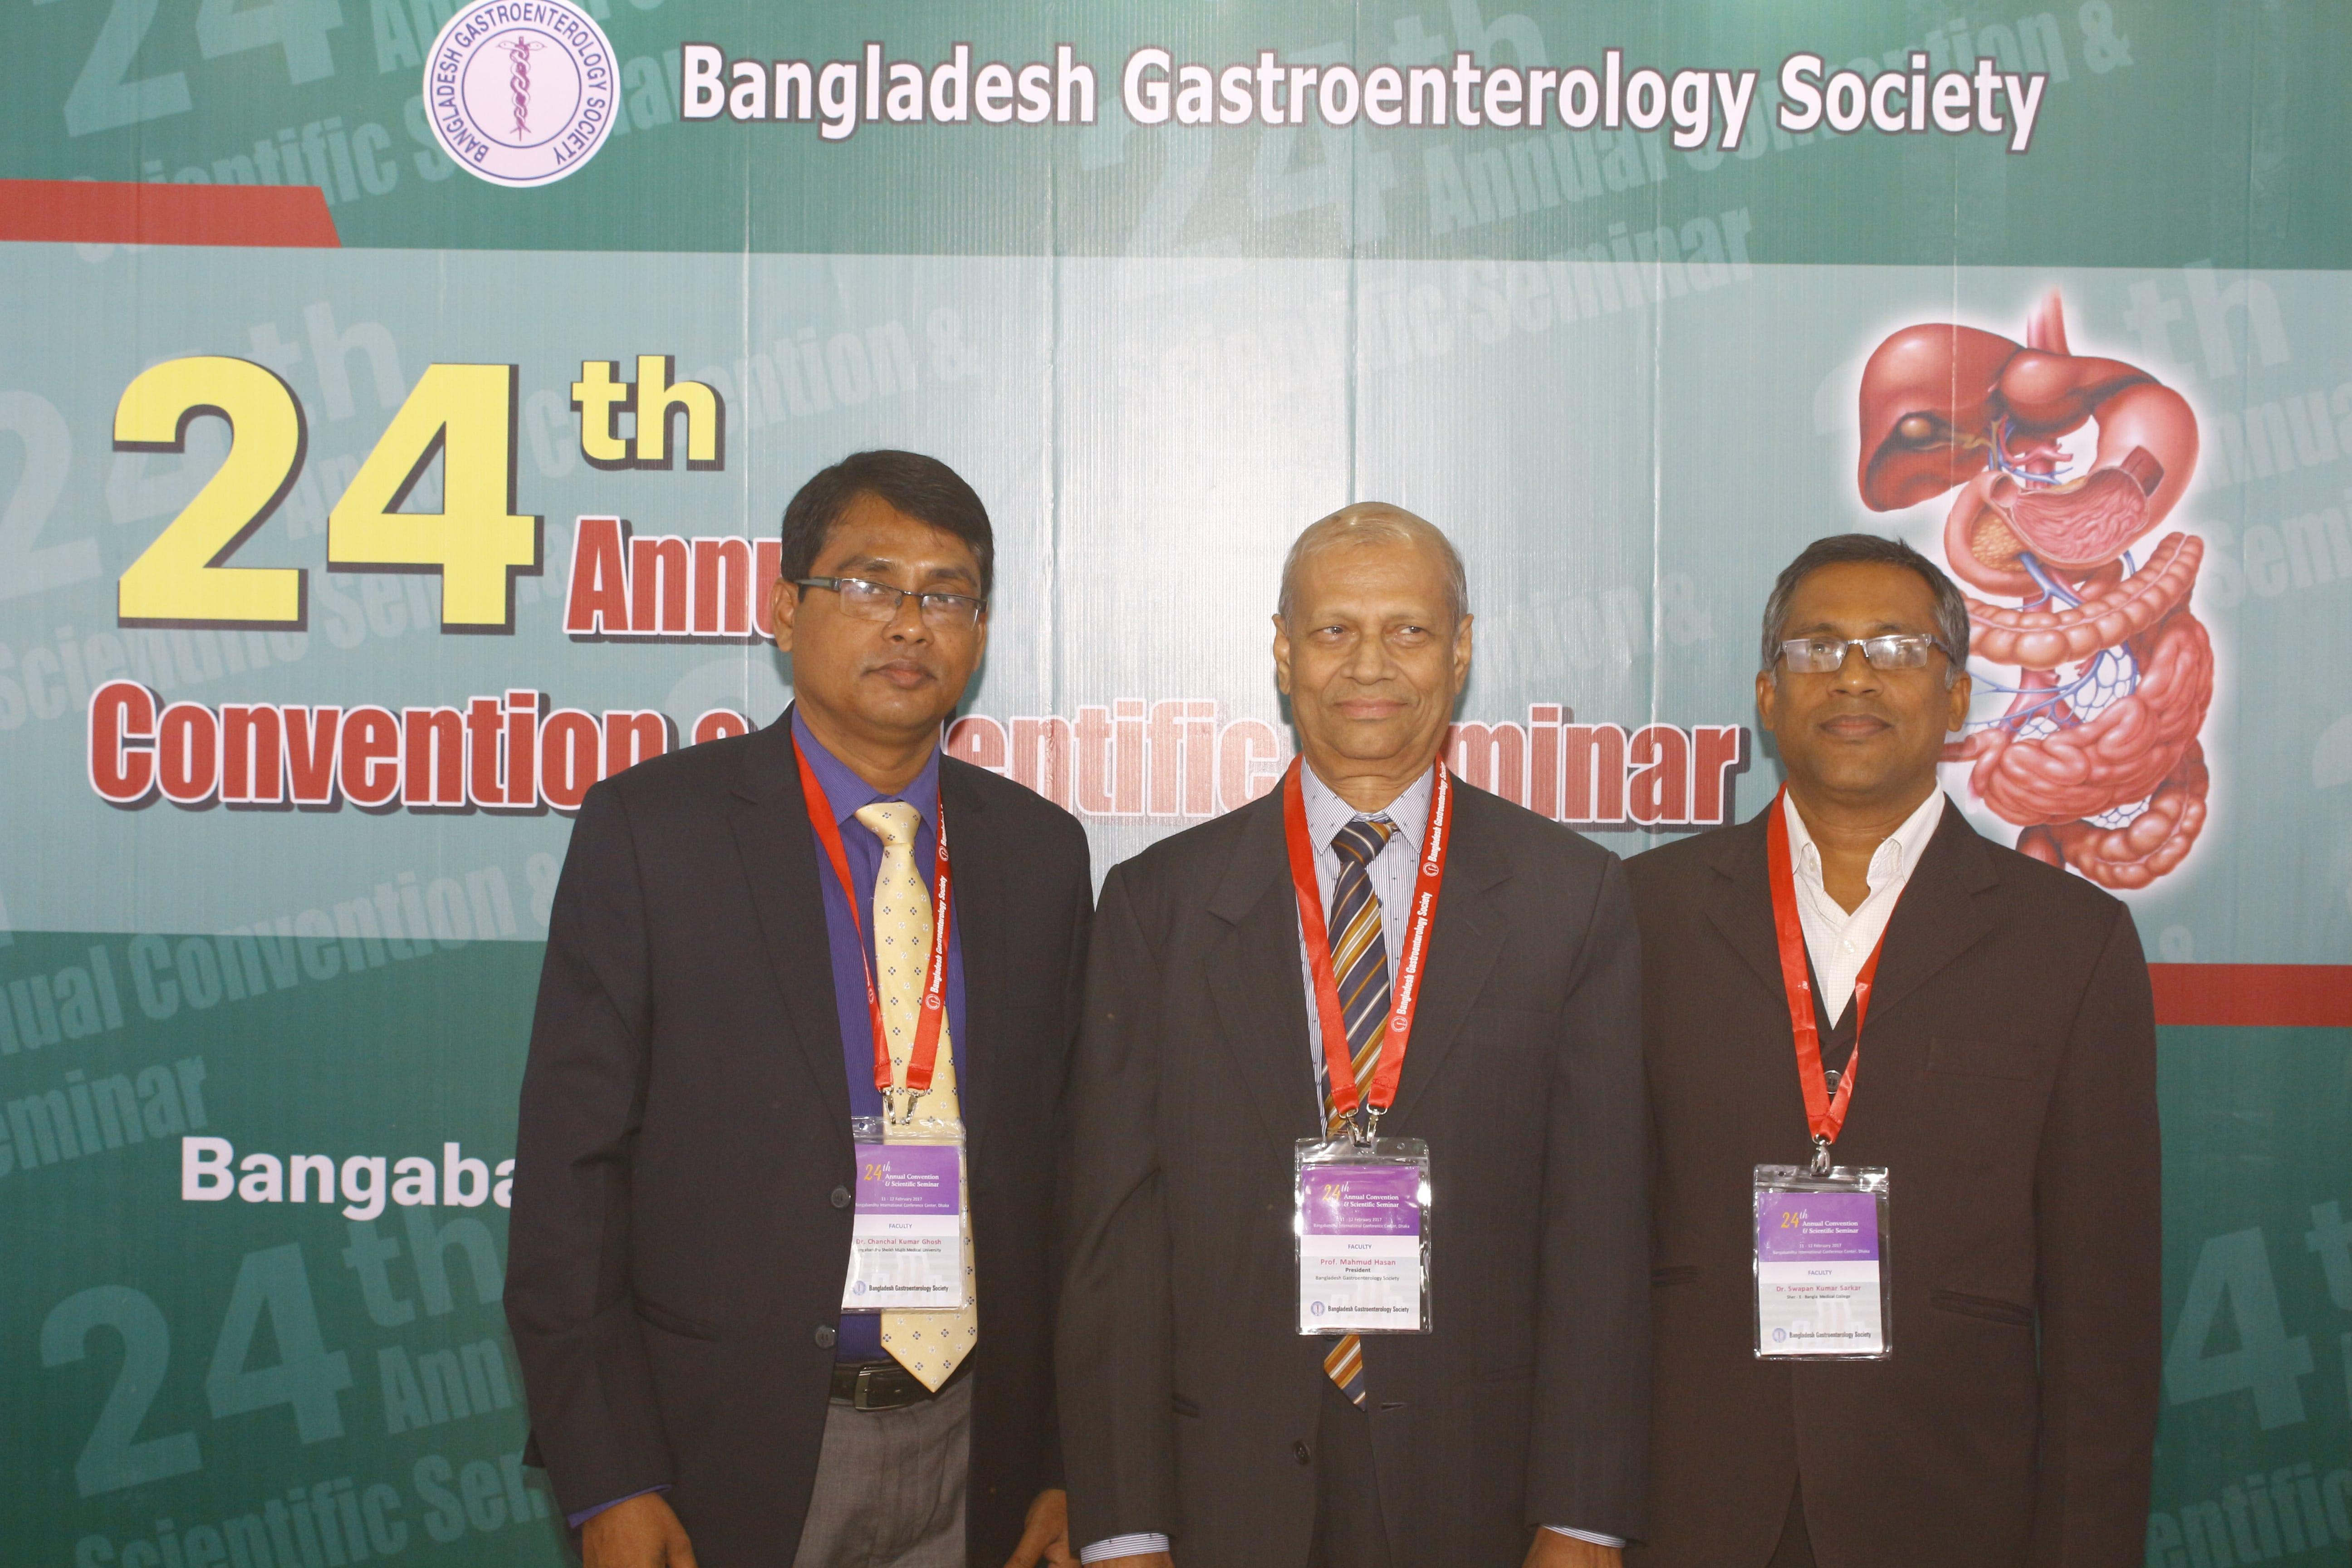 Julphar Bangladesh participates in Gastrocon 2017